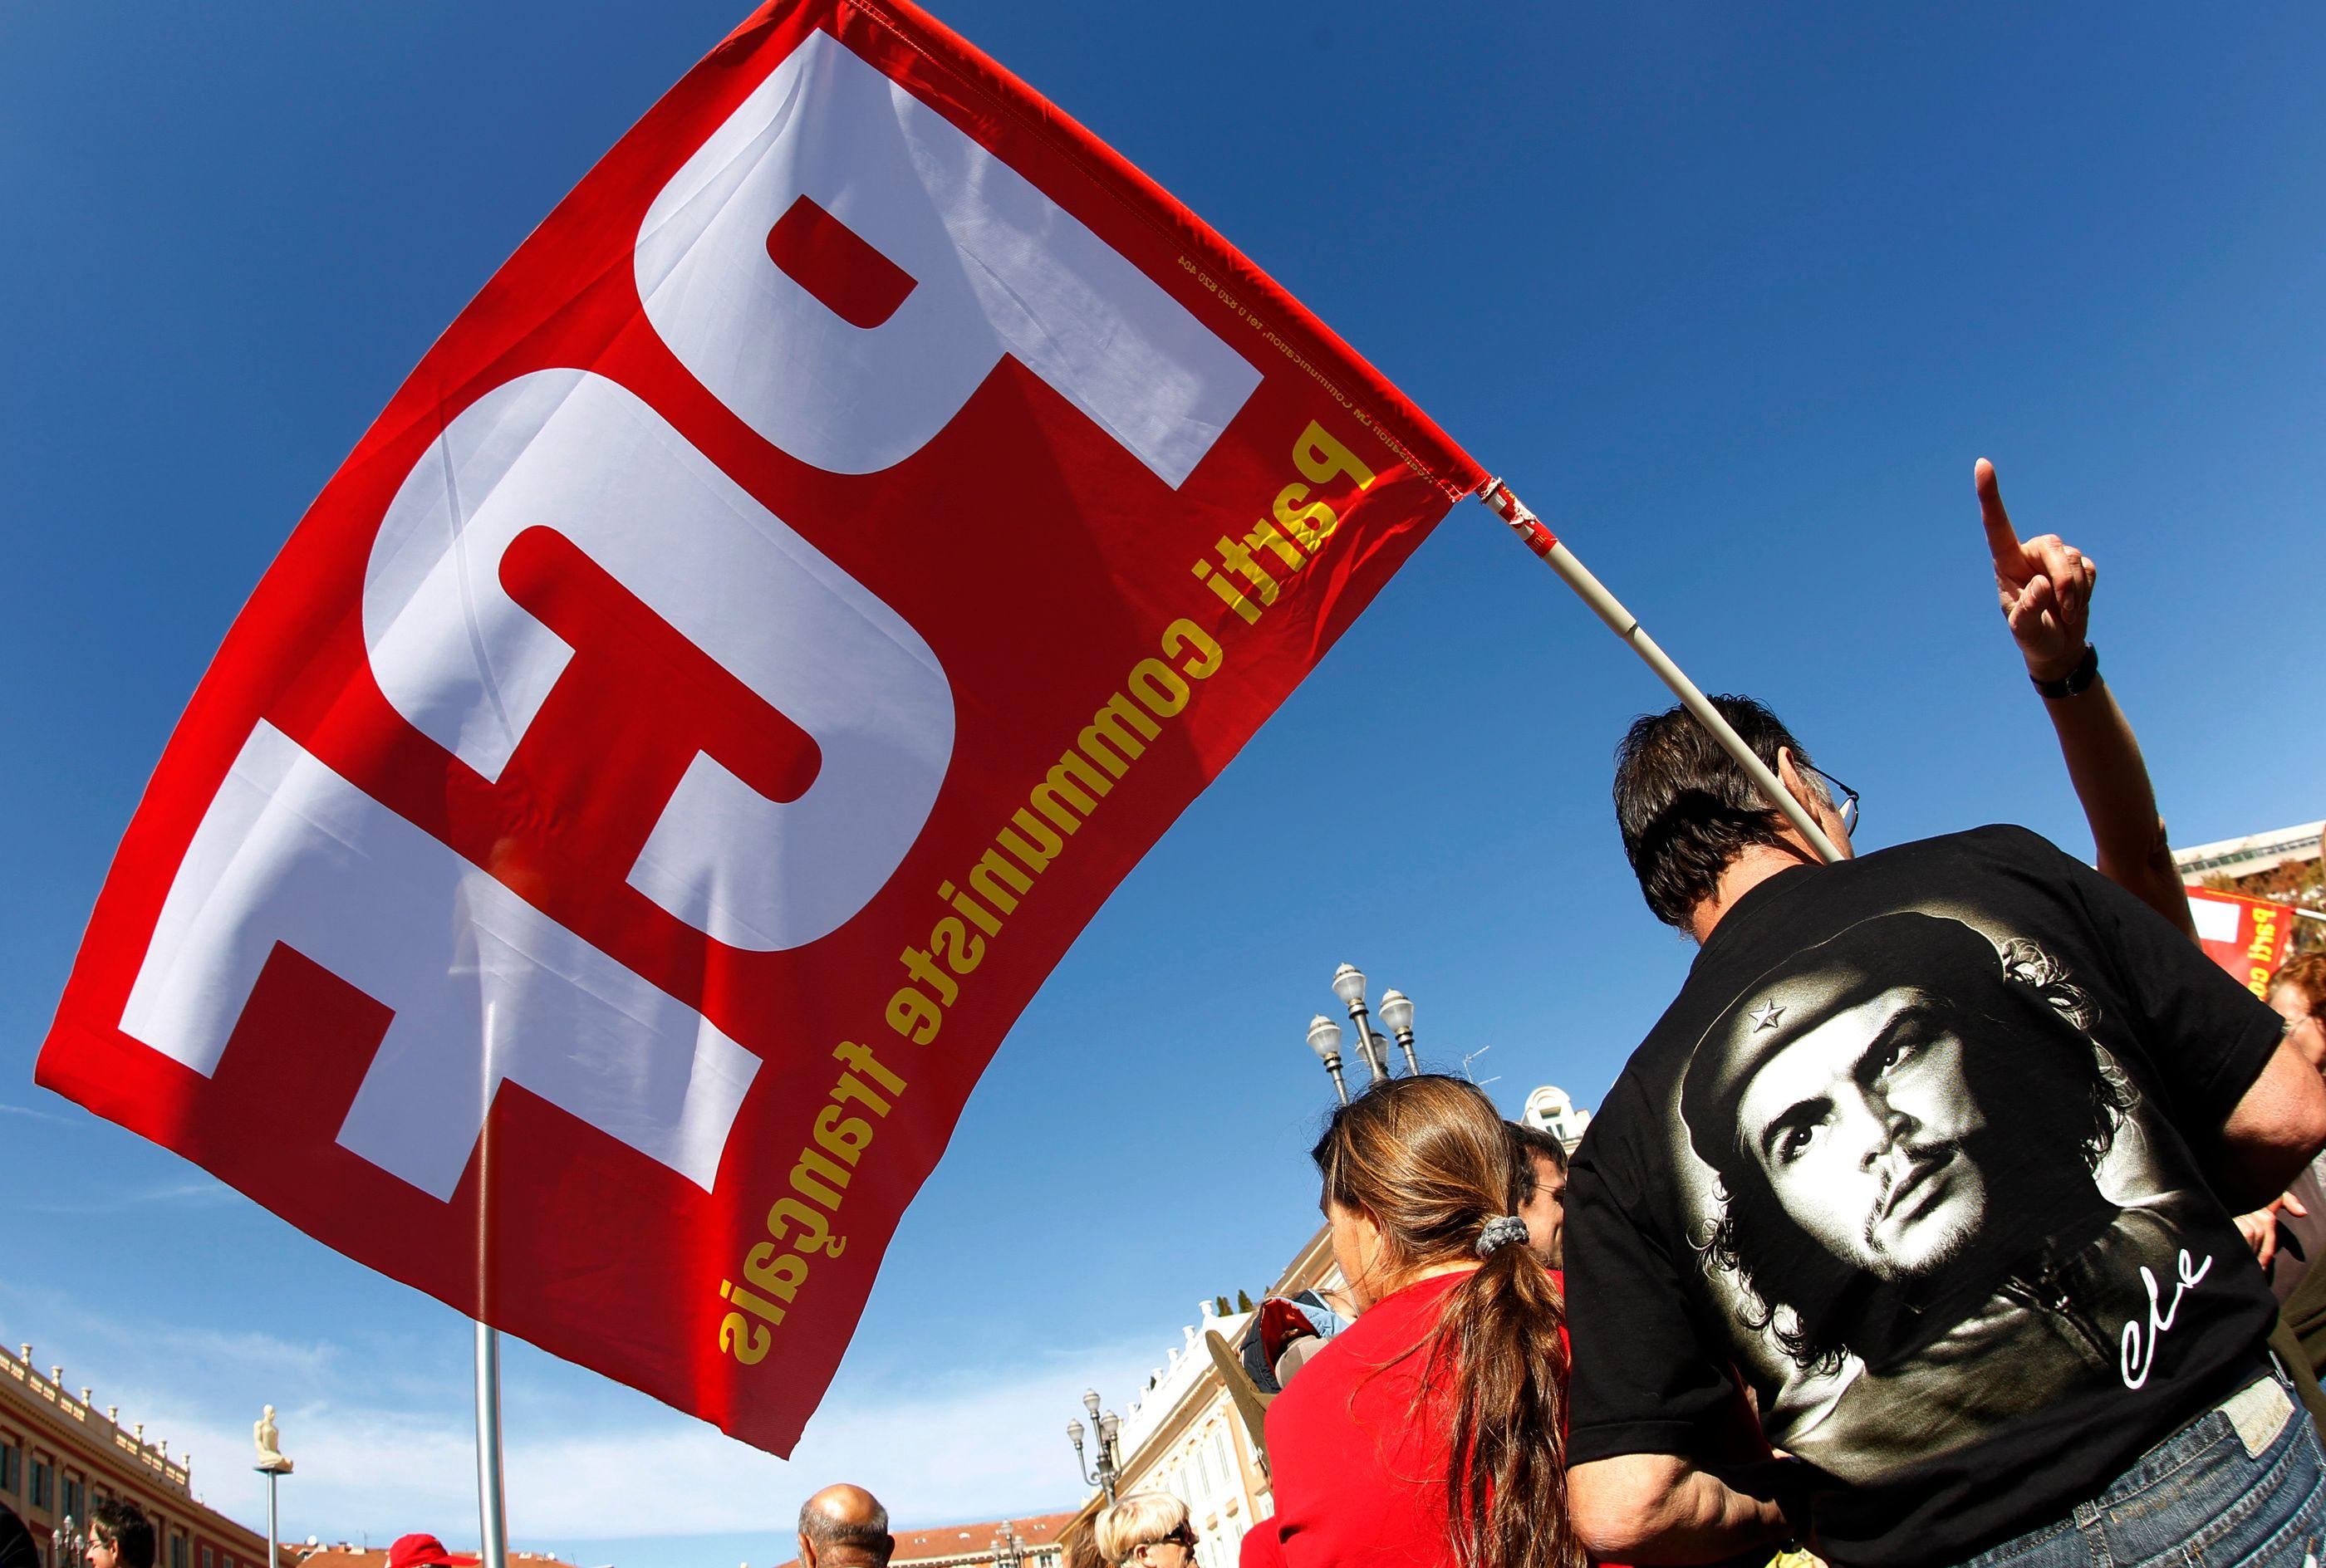 30 ans après la chute du mur de Berlin, les communistes européens sont encore bien vivants